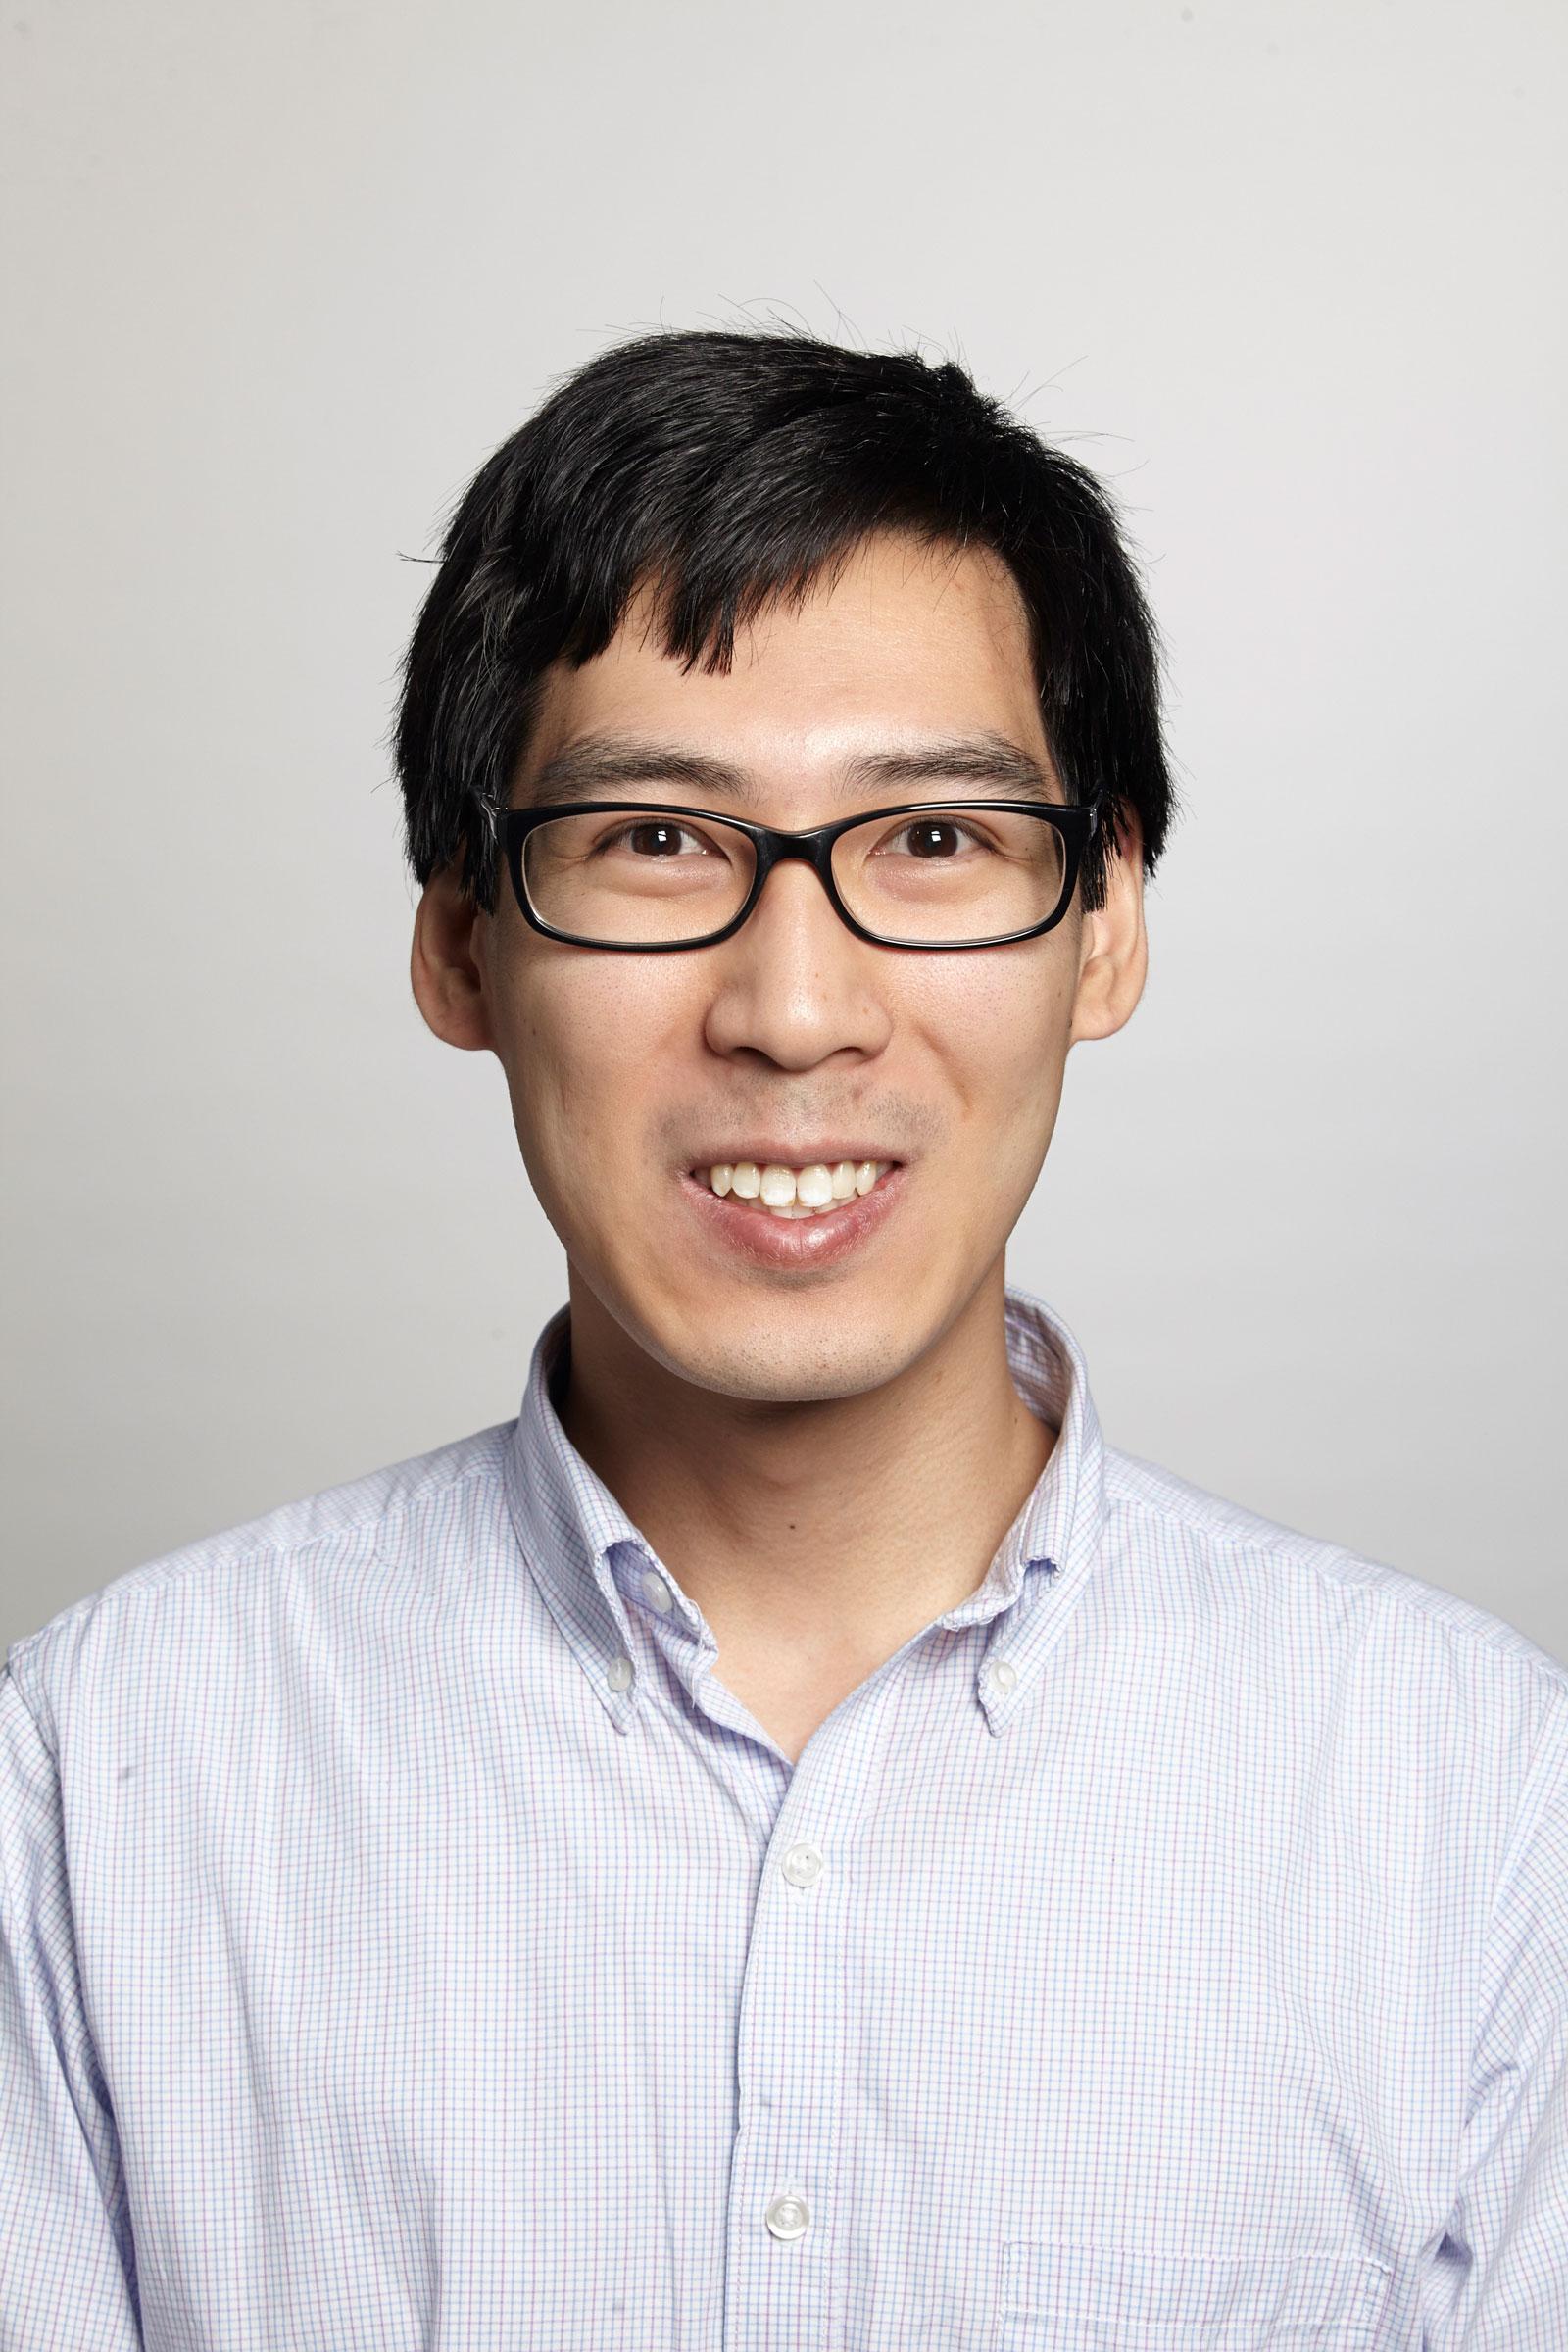 Artit Jirapatnakul, Ph.D.